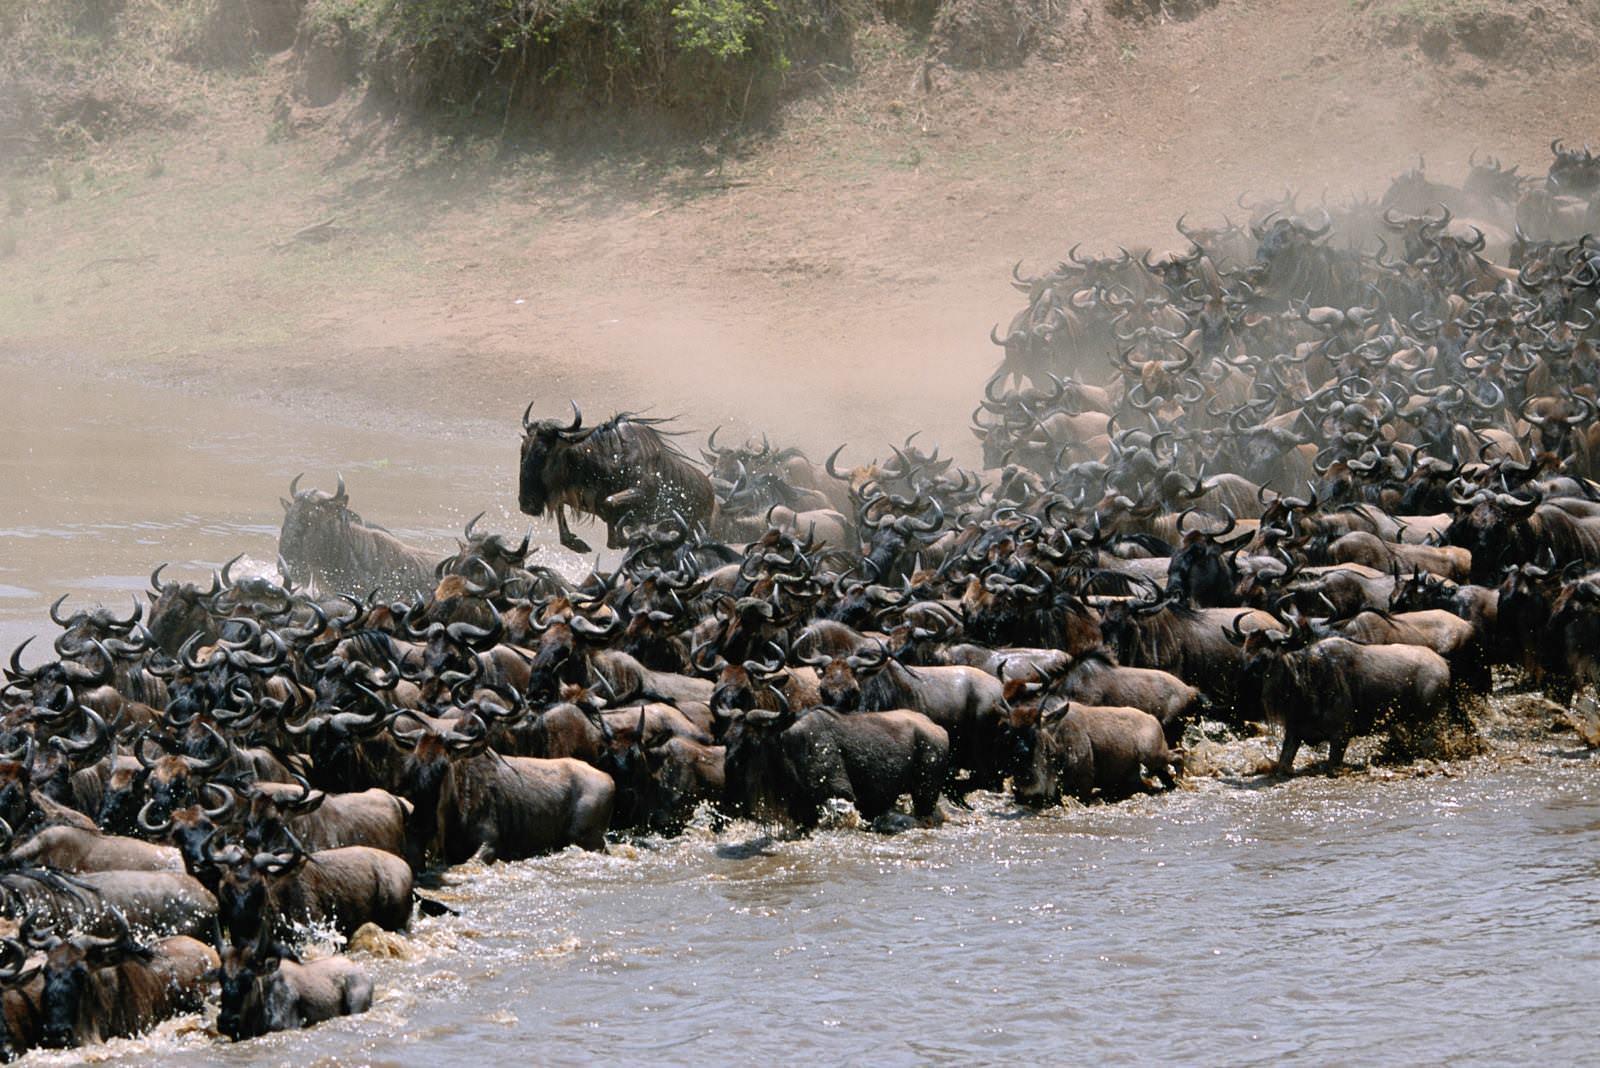 肯亞Kenya▍動物大遷徙(The Great Migration)震撼影片!